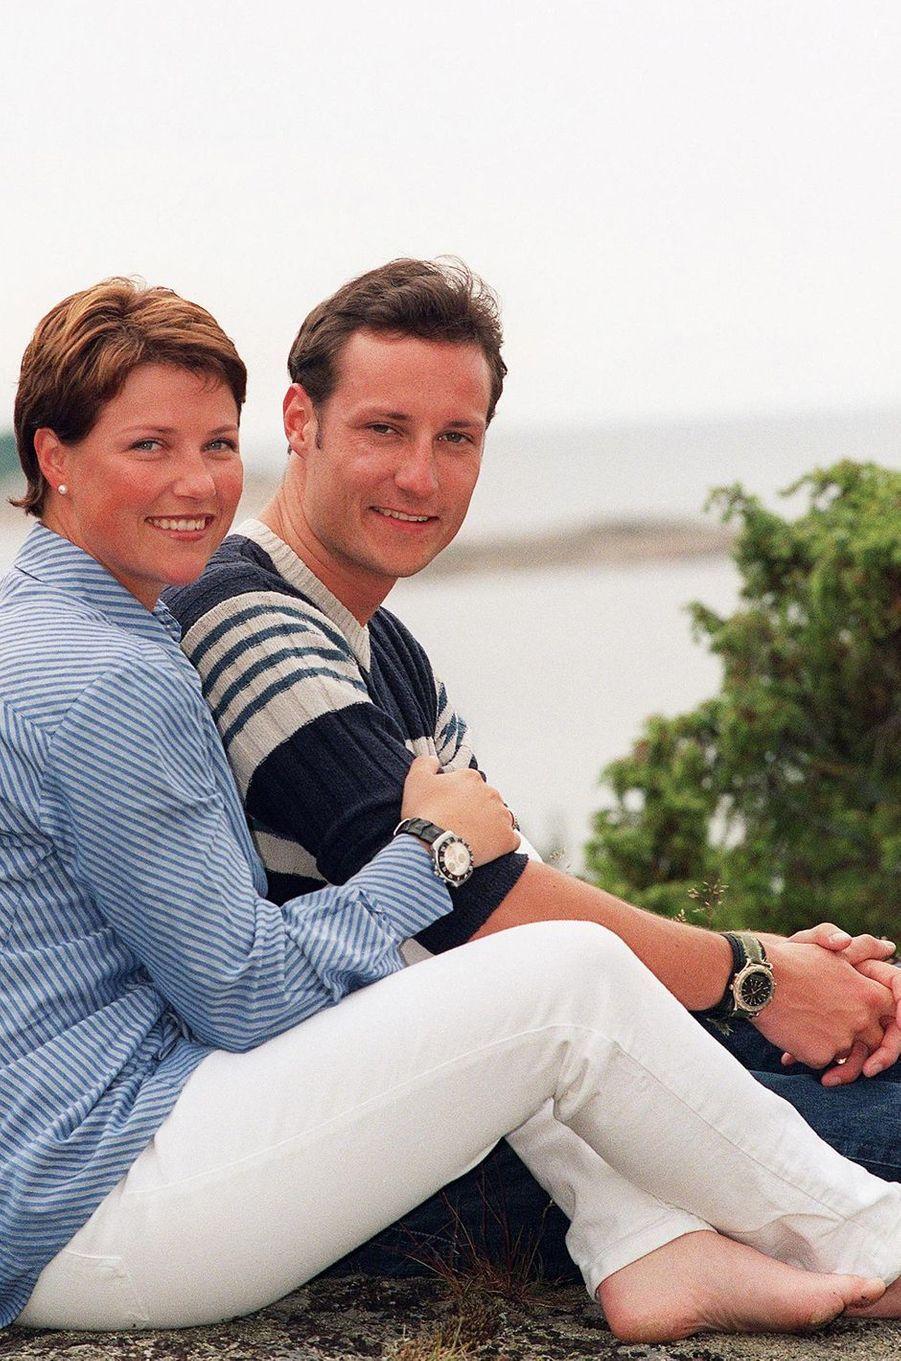 La princesse Märtha Louise de Norvège avec son petit frère le prince Haakon, le 4 juillet 1998